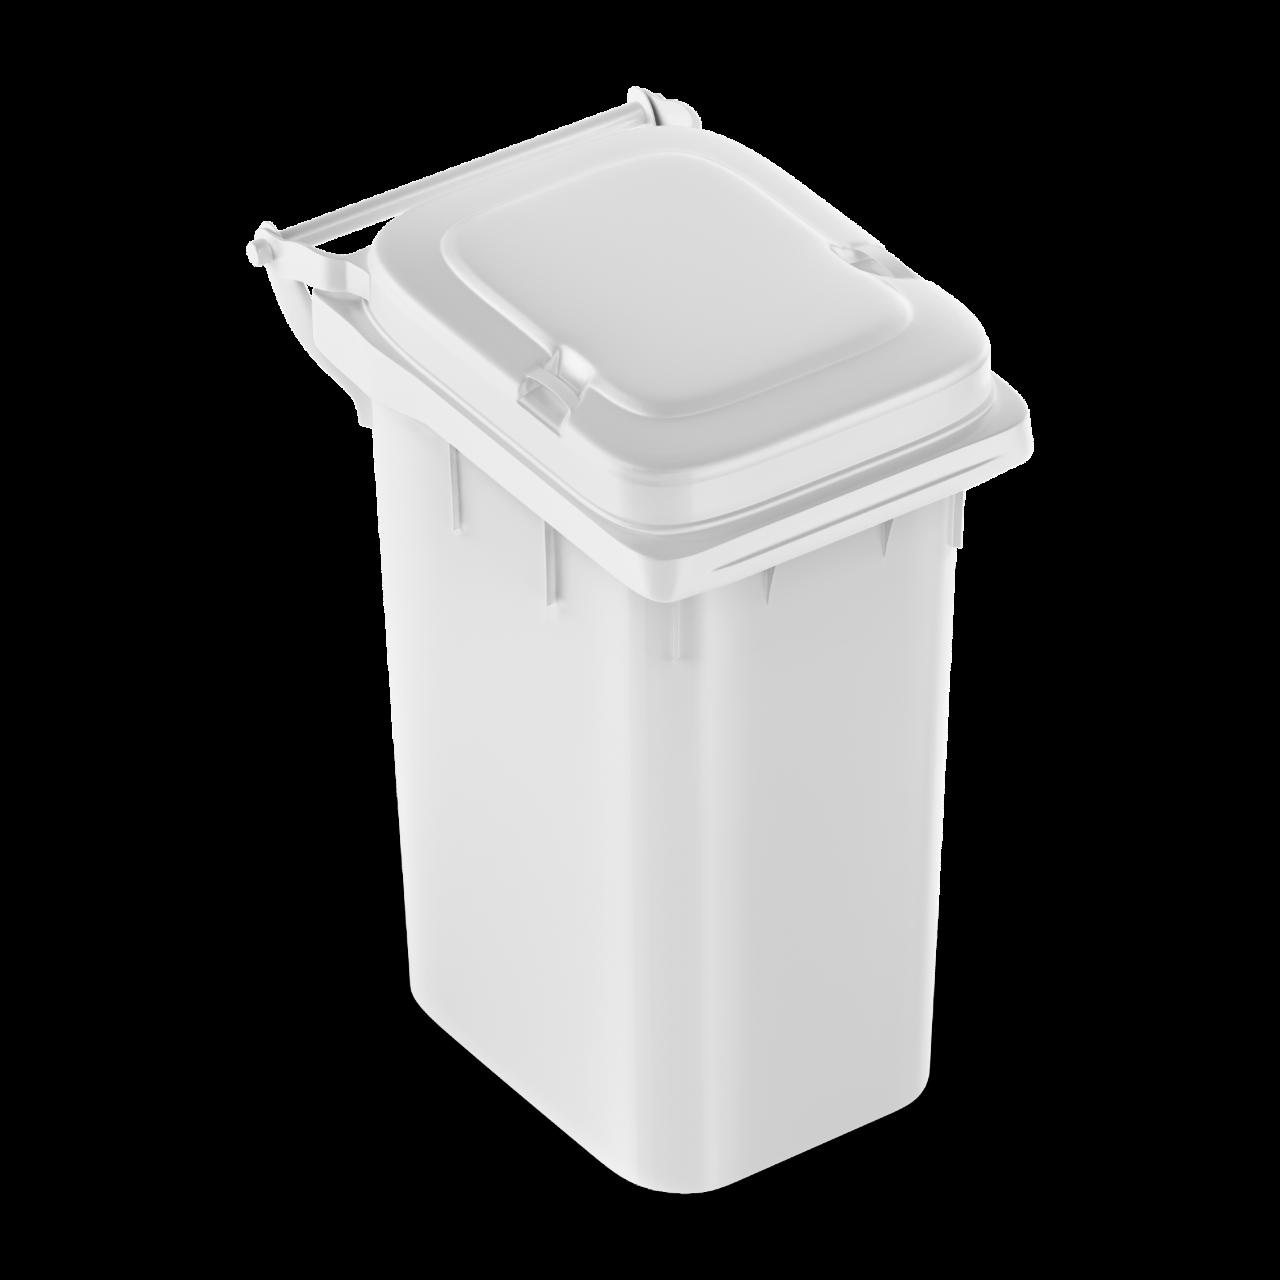 Imagem de um container de resíduos